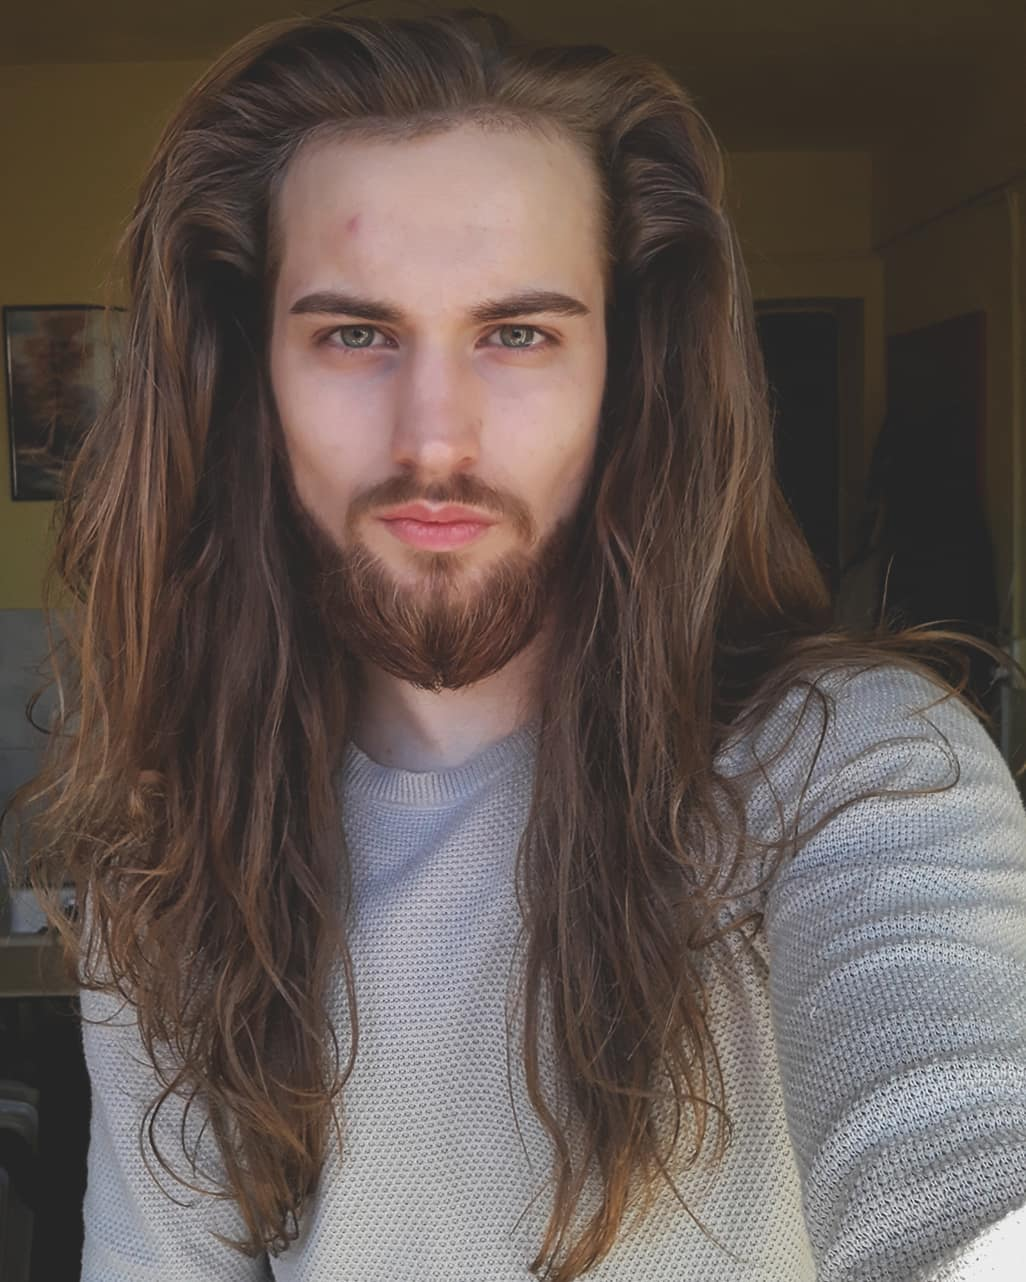 De última generación peinados pelo largo hombre Galería de cortes de pelo Consejos - El pelo mas largo del mundo hombre - Peinados con trenzas